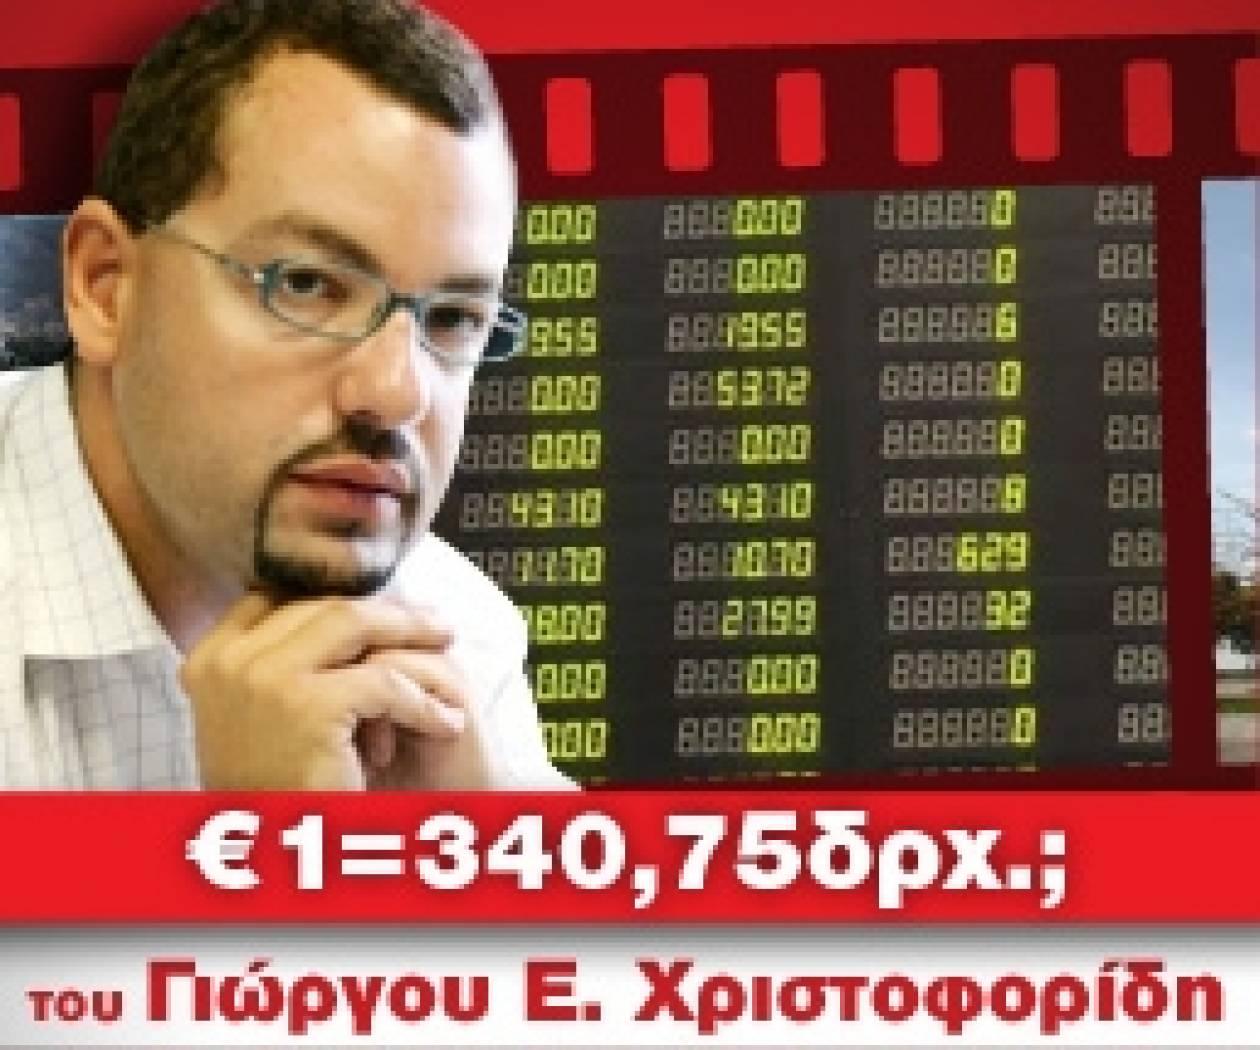 Χαράτσι 26.000 ευρώ σε αγρότη που εξαιρείται από το νόμο!